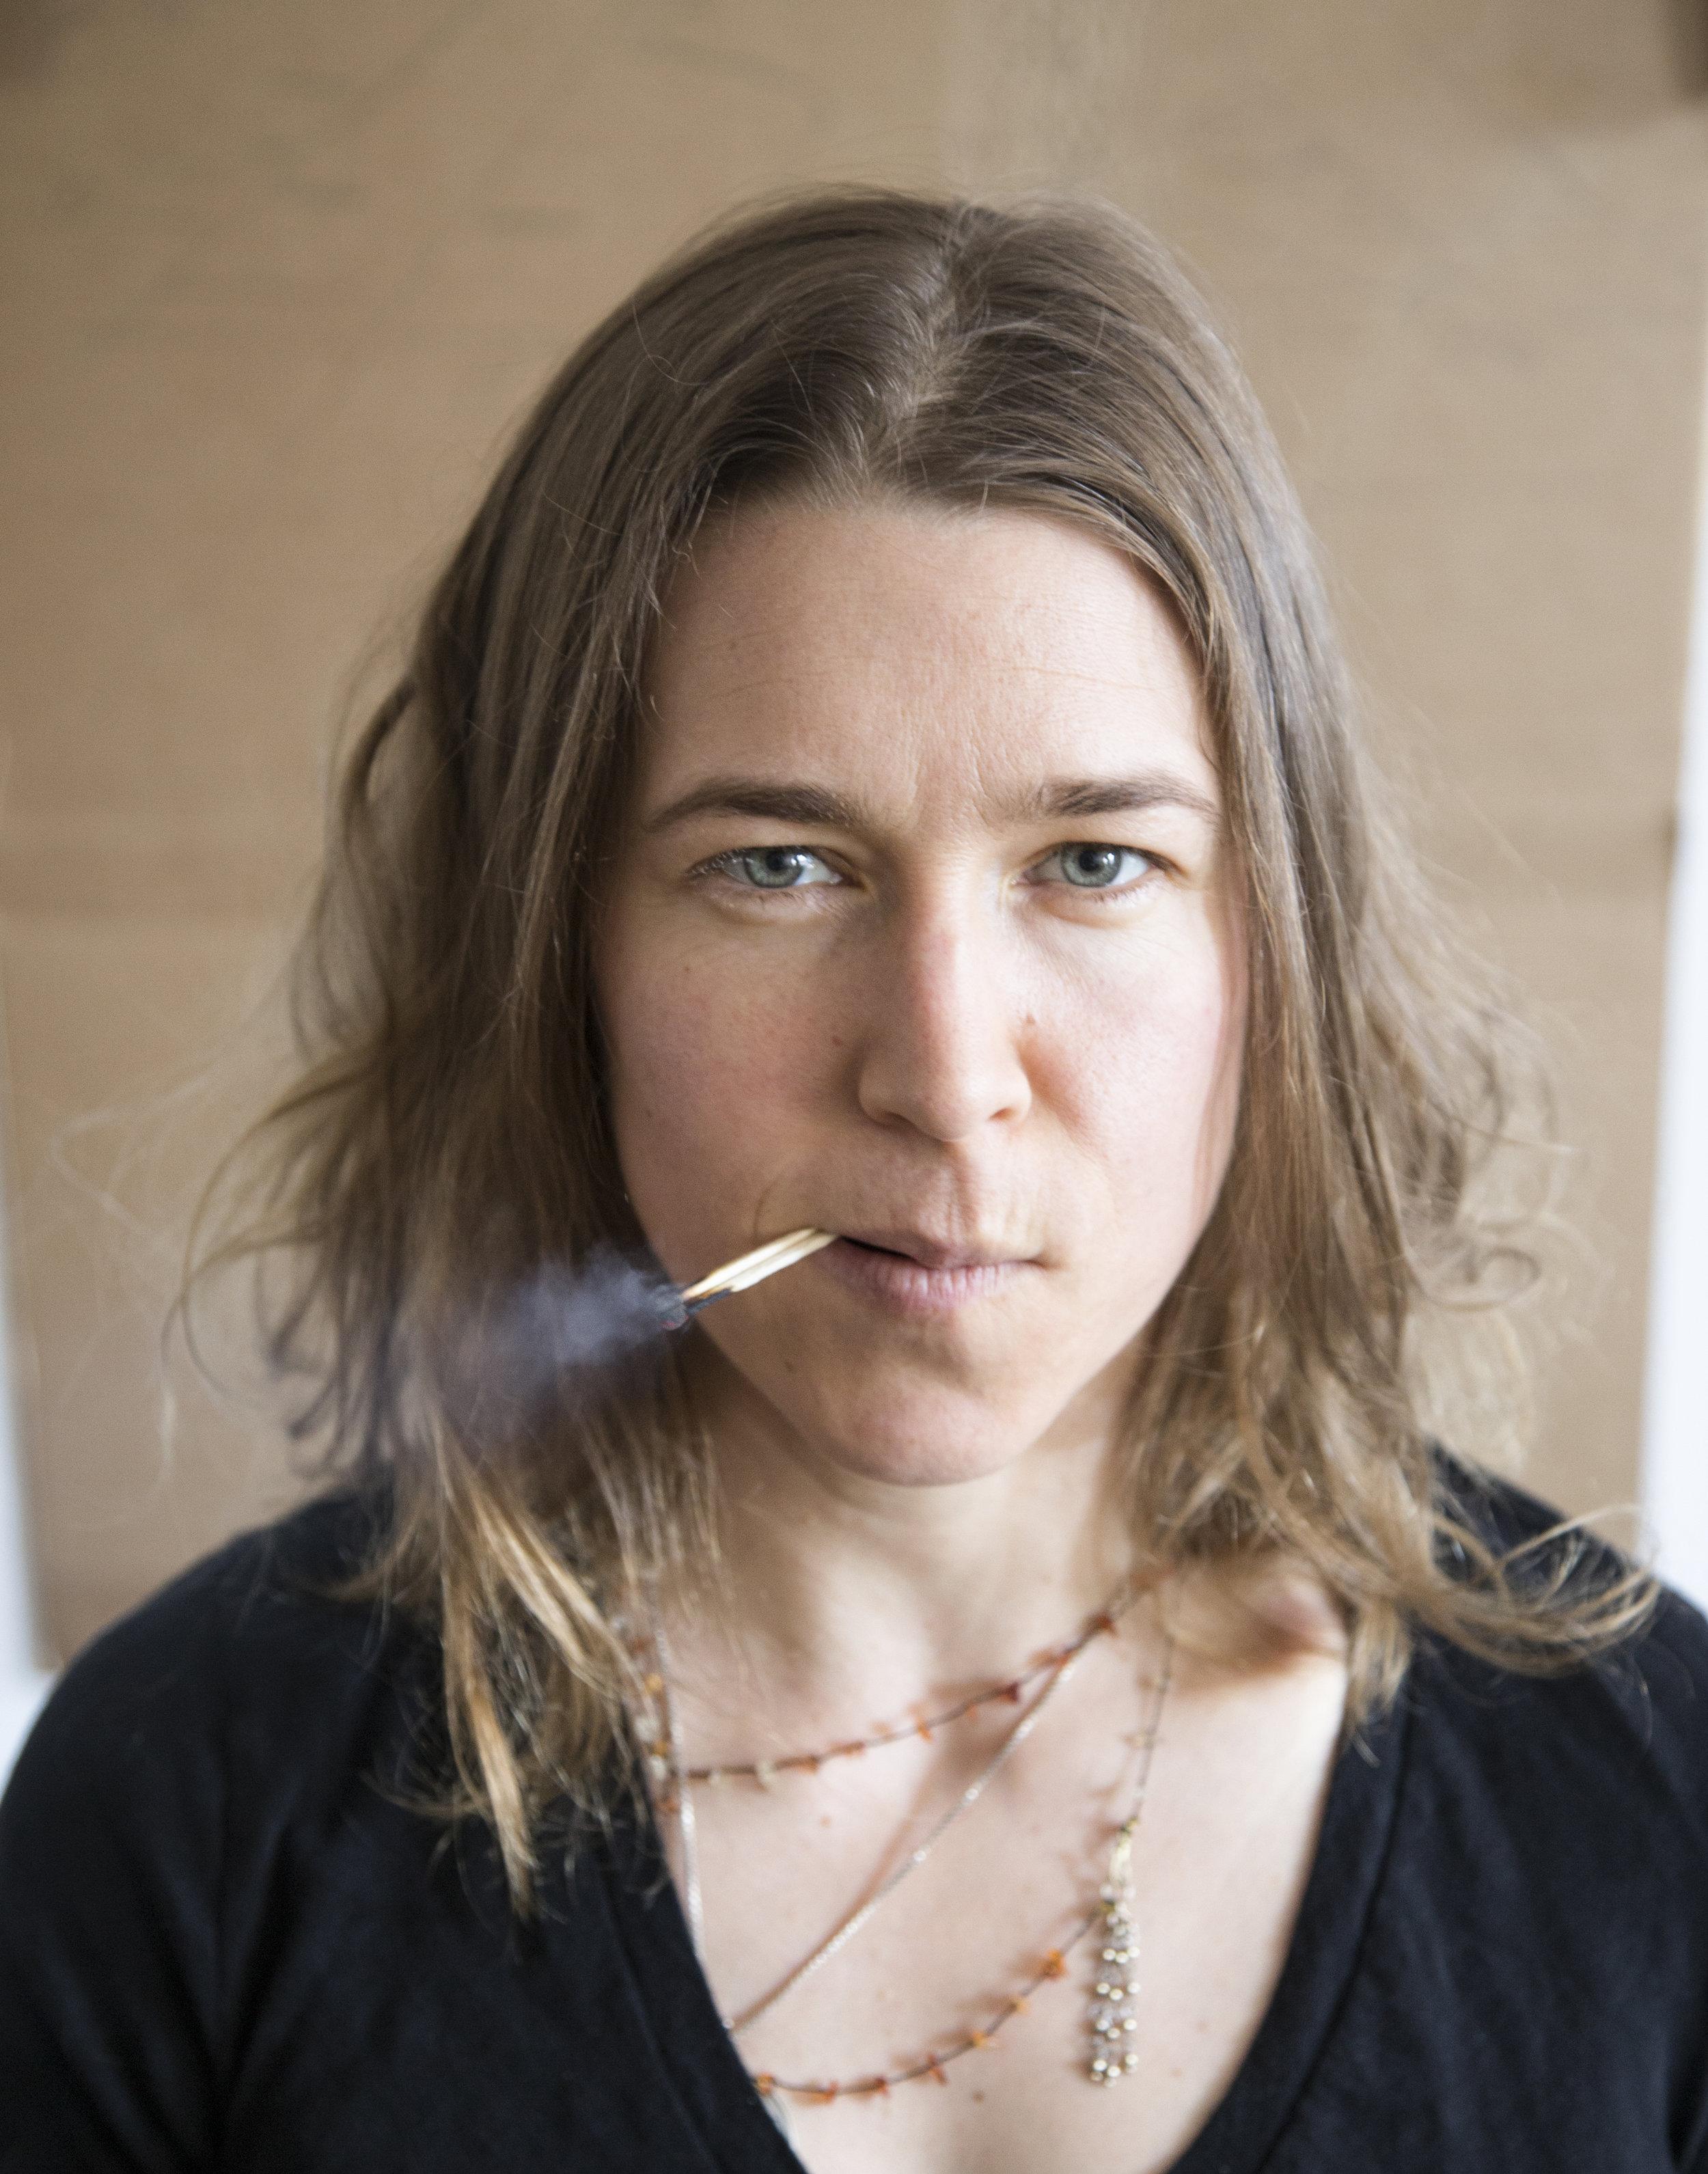 Kate Schutt, musician